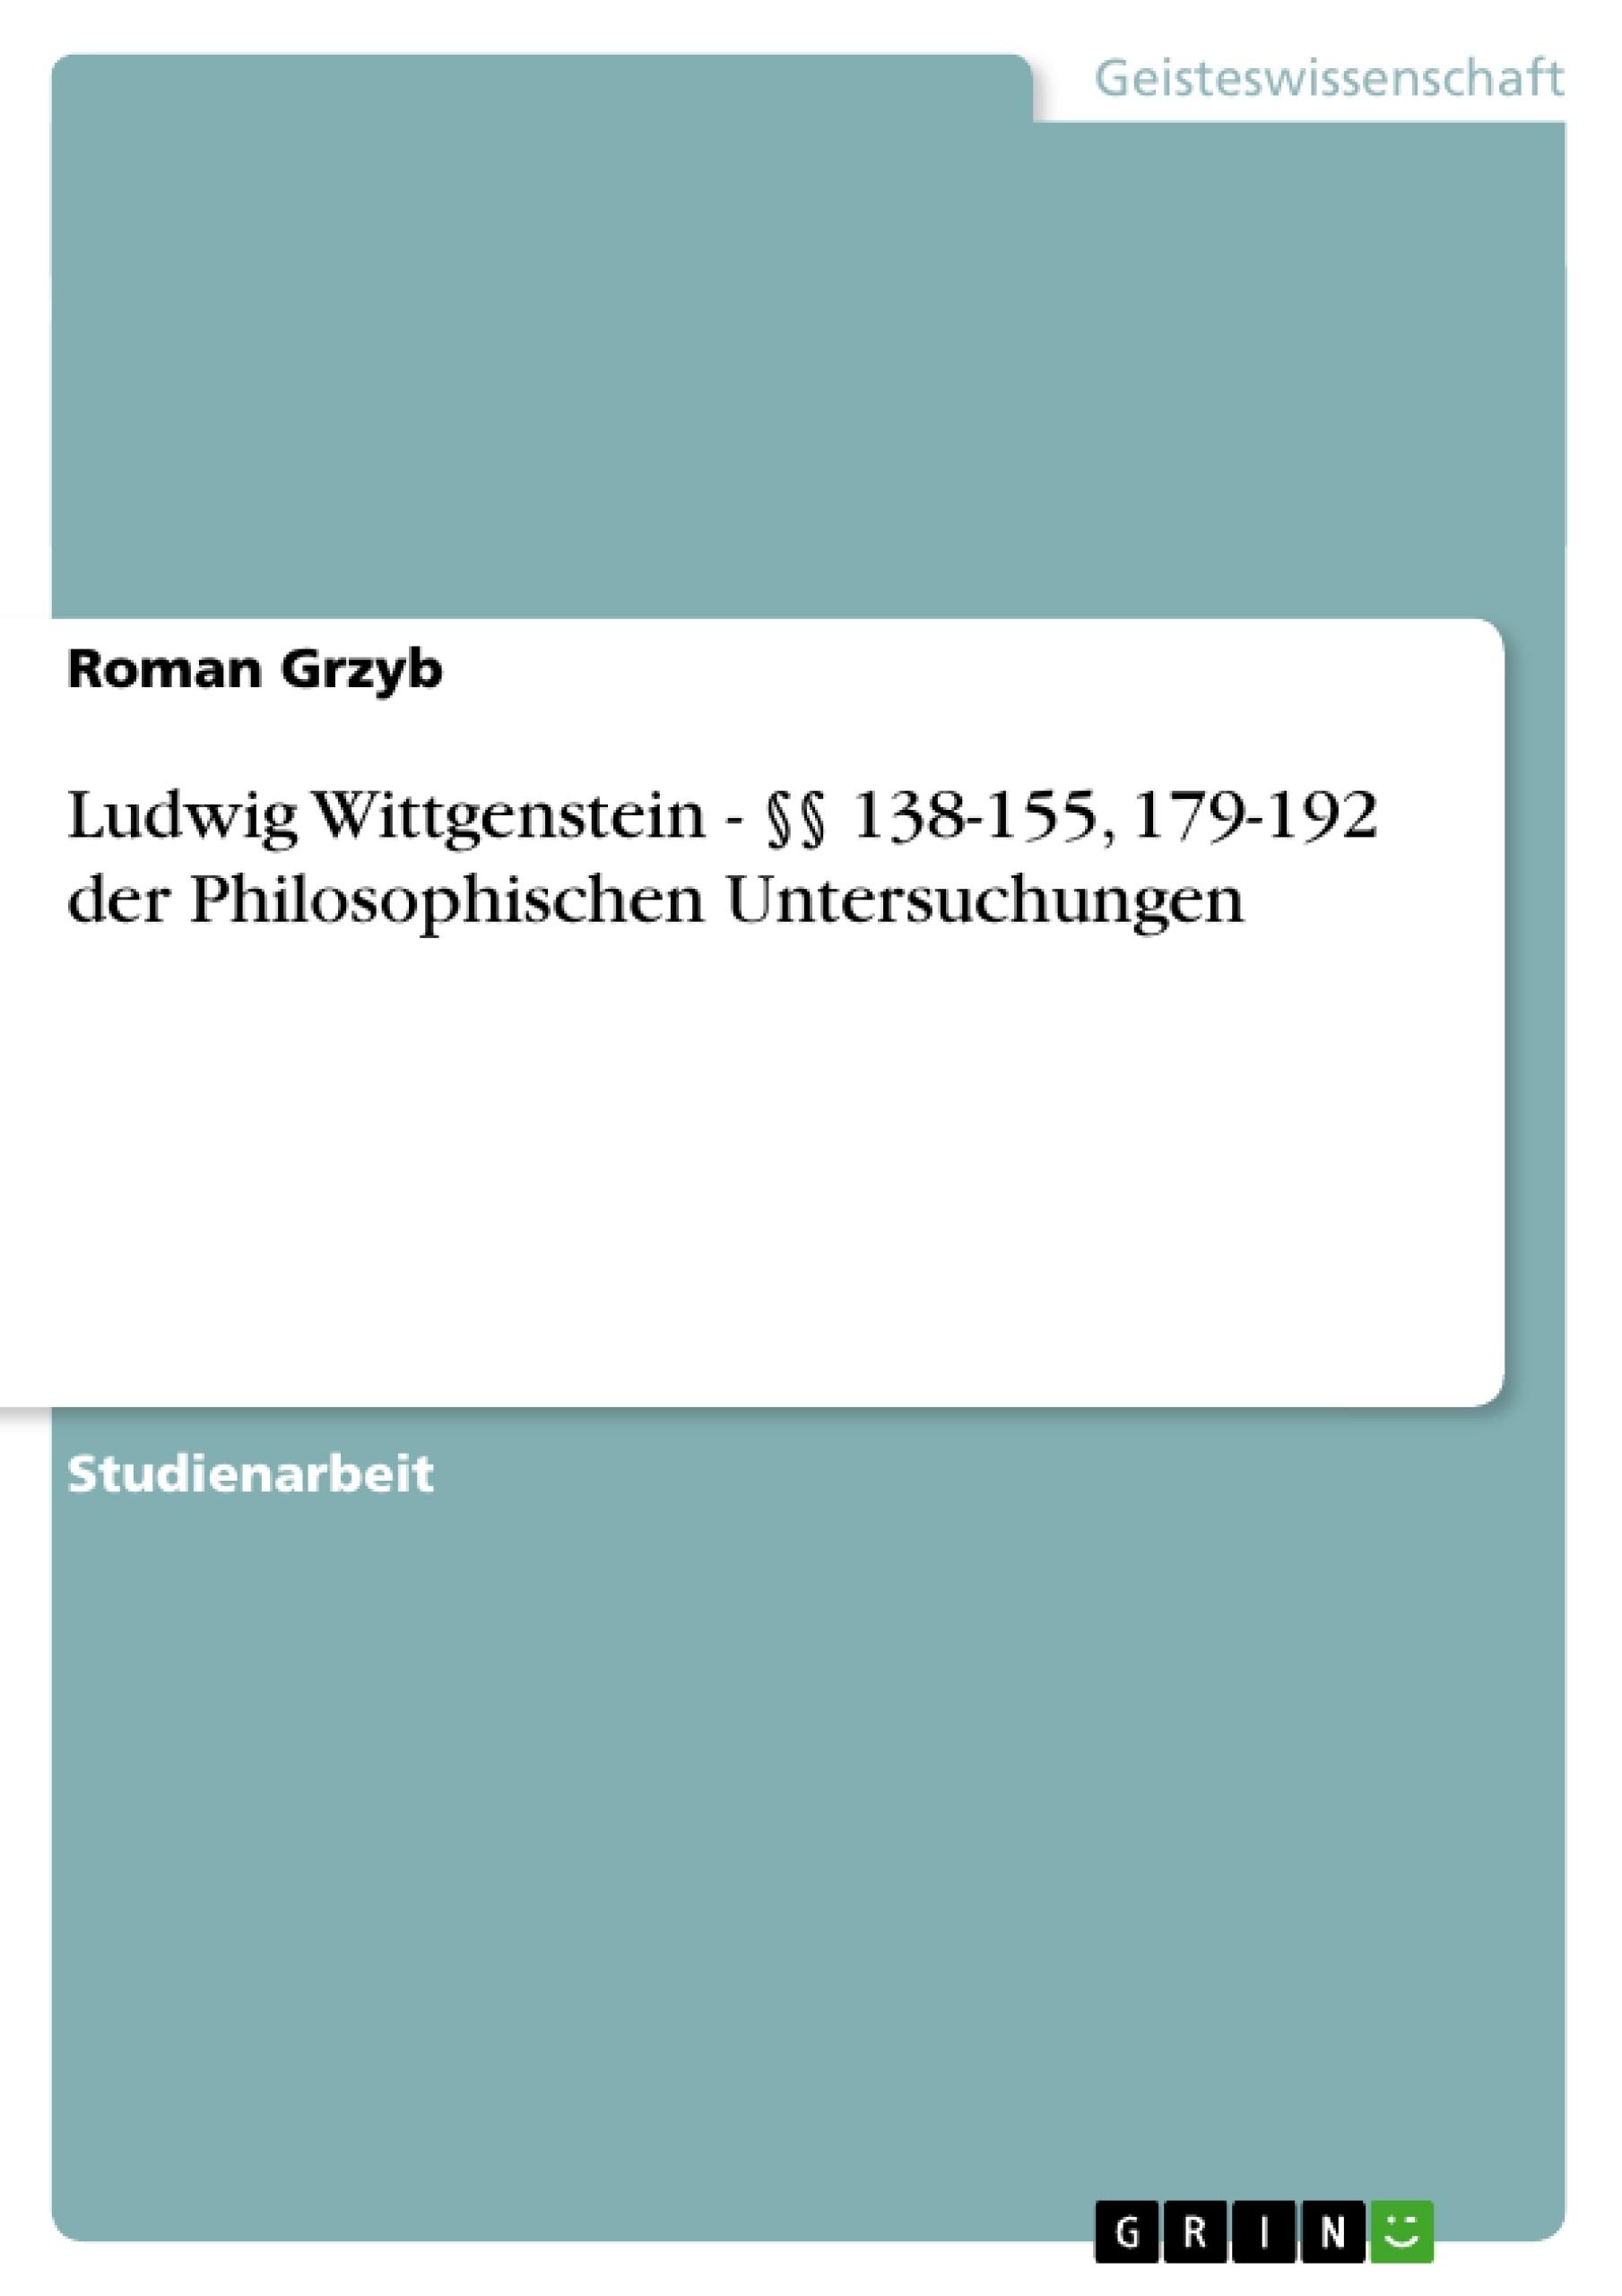 Titel: Ludwig Wittgenstein - §§ 138-155, 179-192 der Philosophischen Untersuchungen